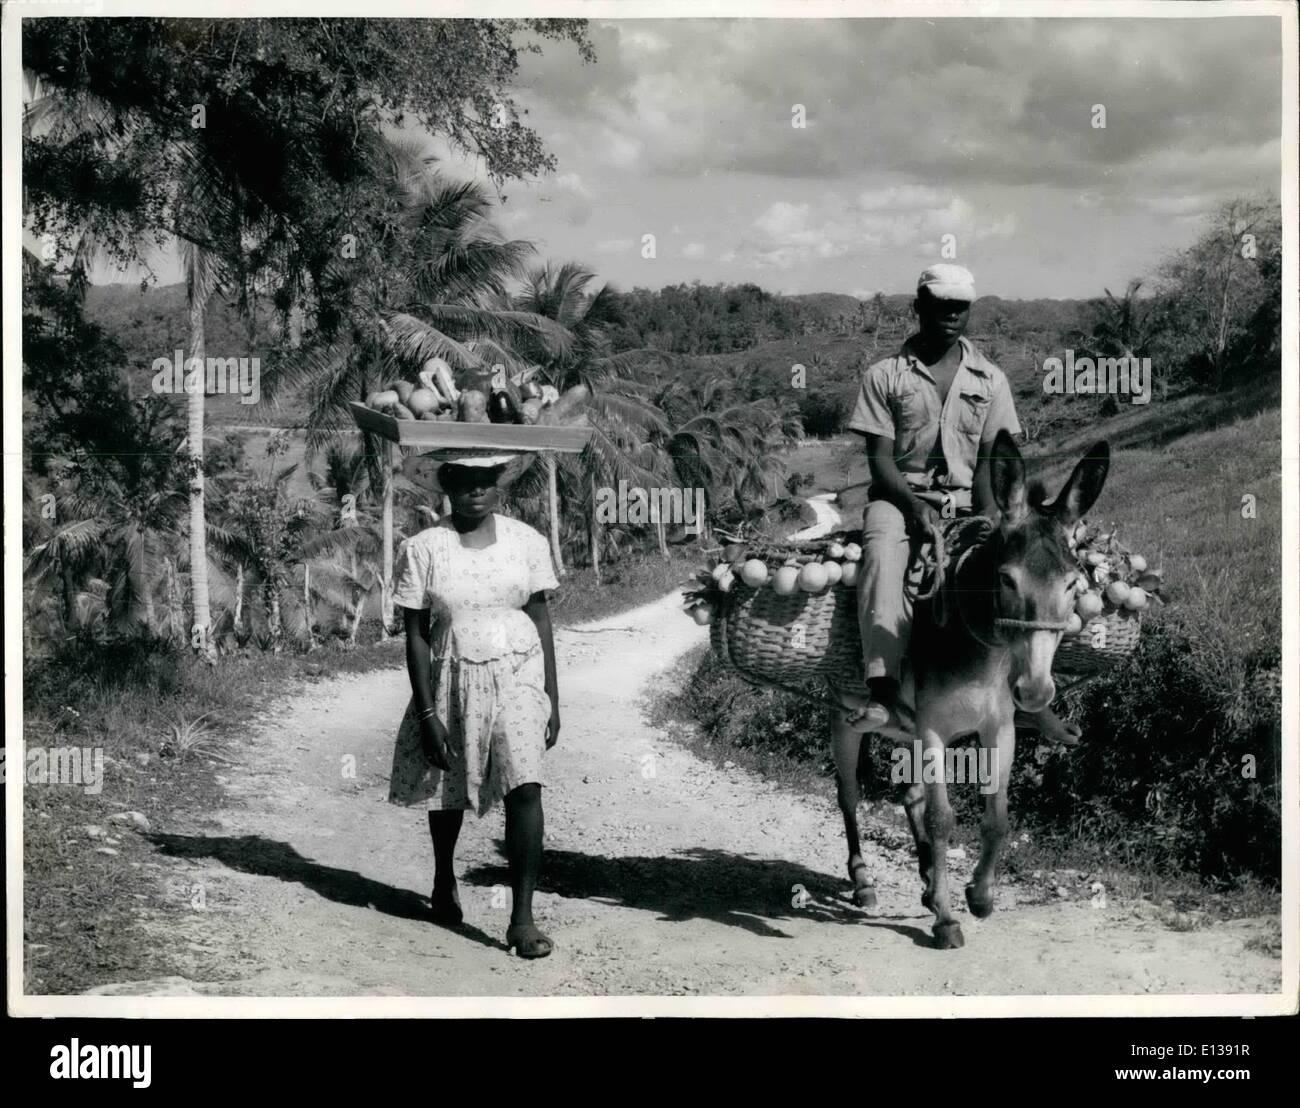 29 février 2012 - Le représentant des manèges, en Jamaïque, B.W.I. Les paysans des pays en voie de marché avec des fruits et légumes. Personne n'est pressé, moins de tous les fardeaux de patient. Photo Stock